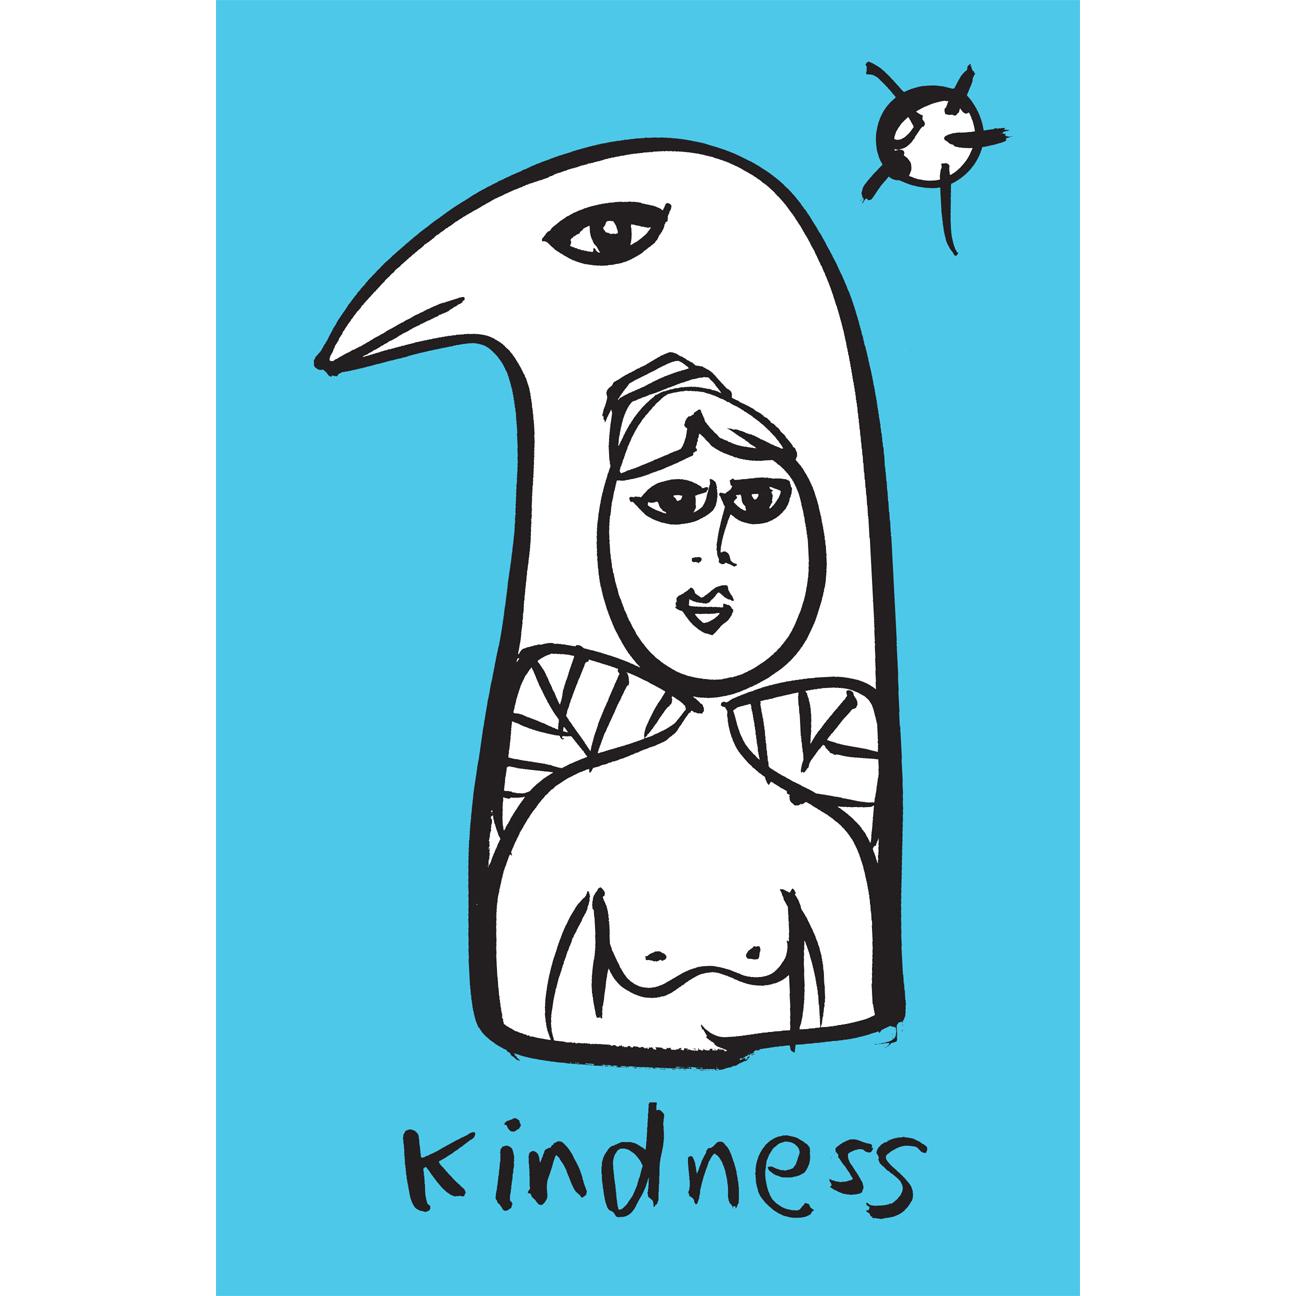 totems-kindness-sq.jpg